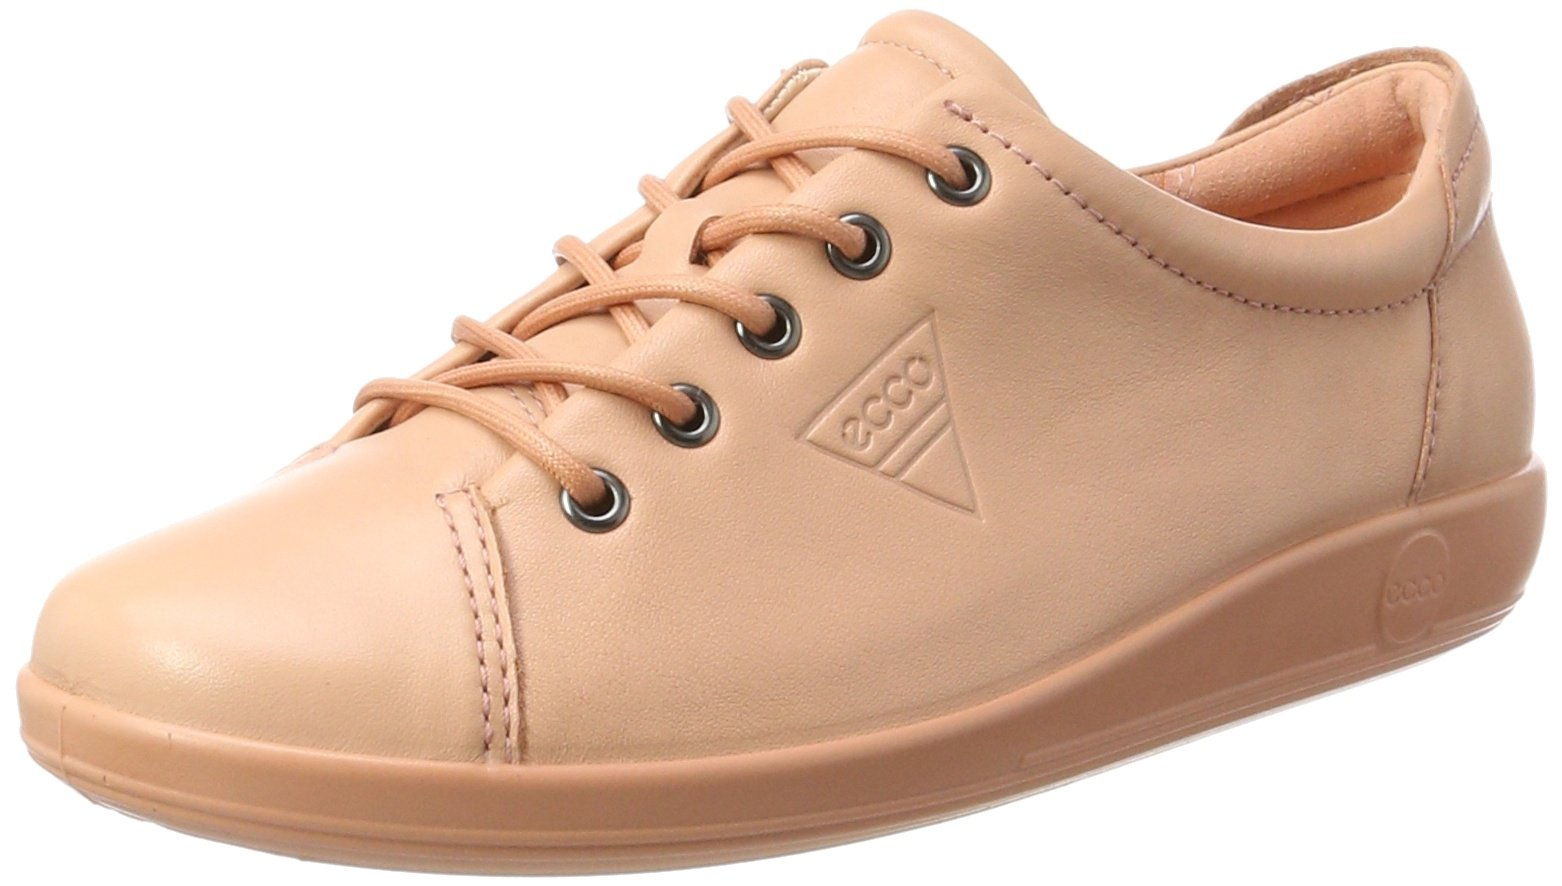 0Sneakers Clay40 Eu FemmeBeigemuted 2 Ecco Soft Basses A4R35Lqj